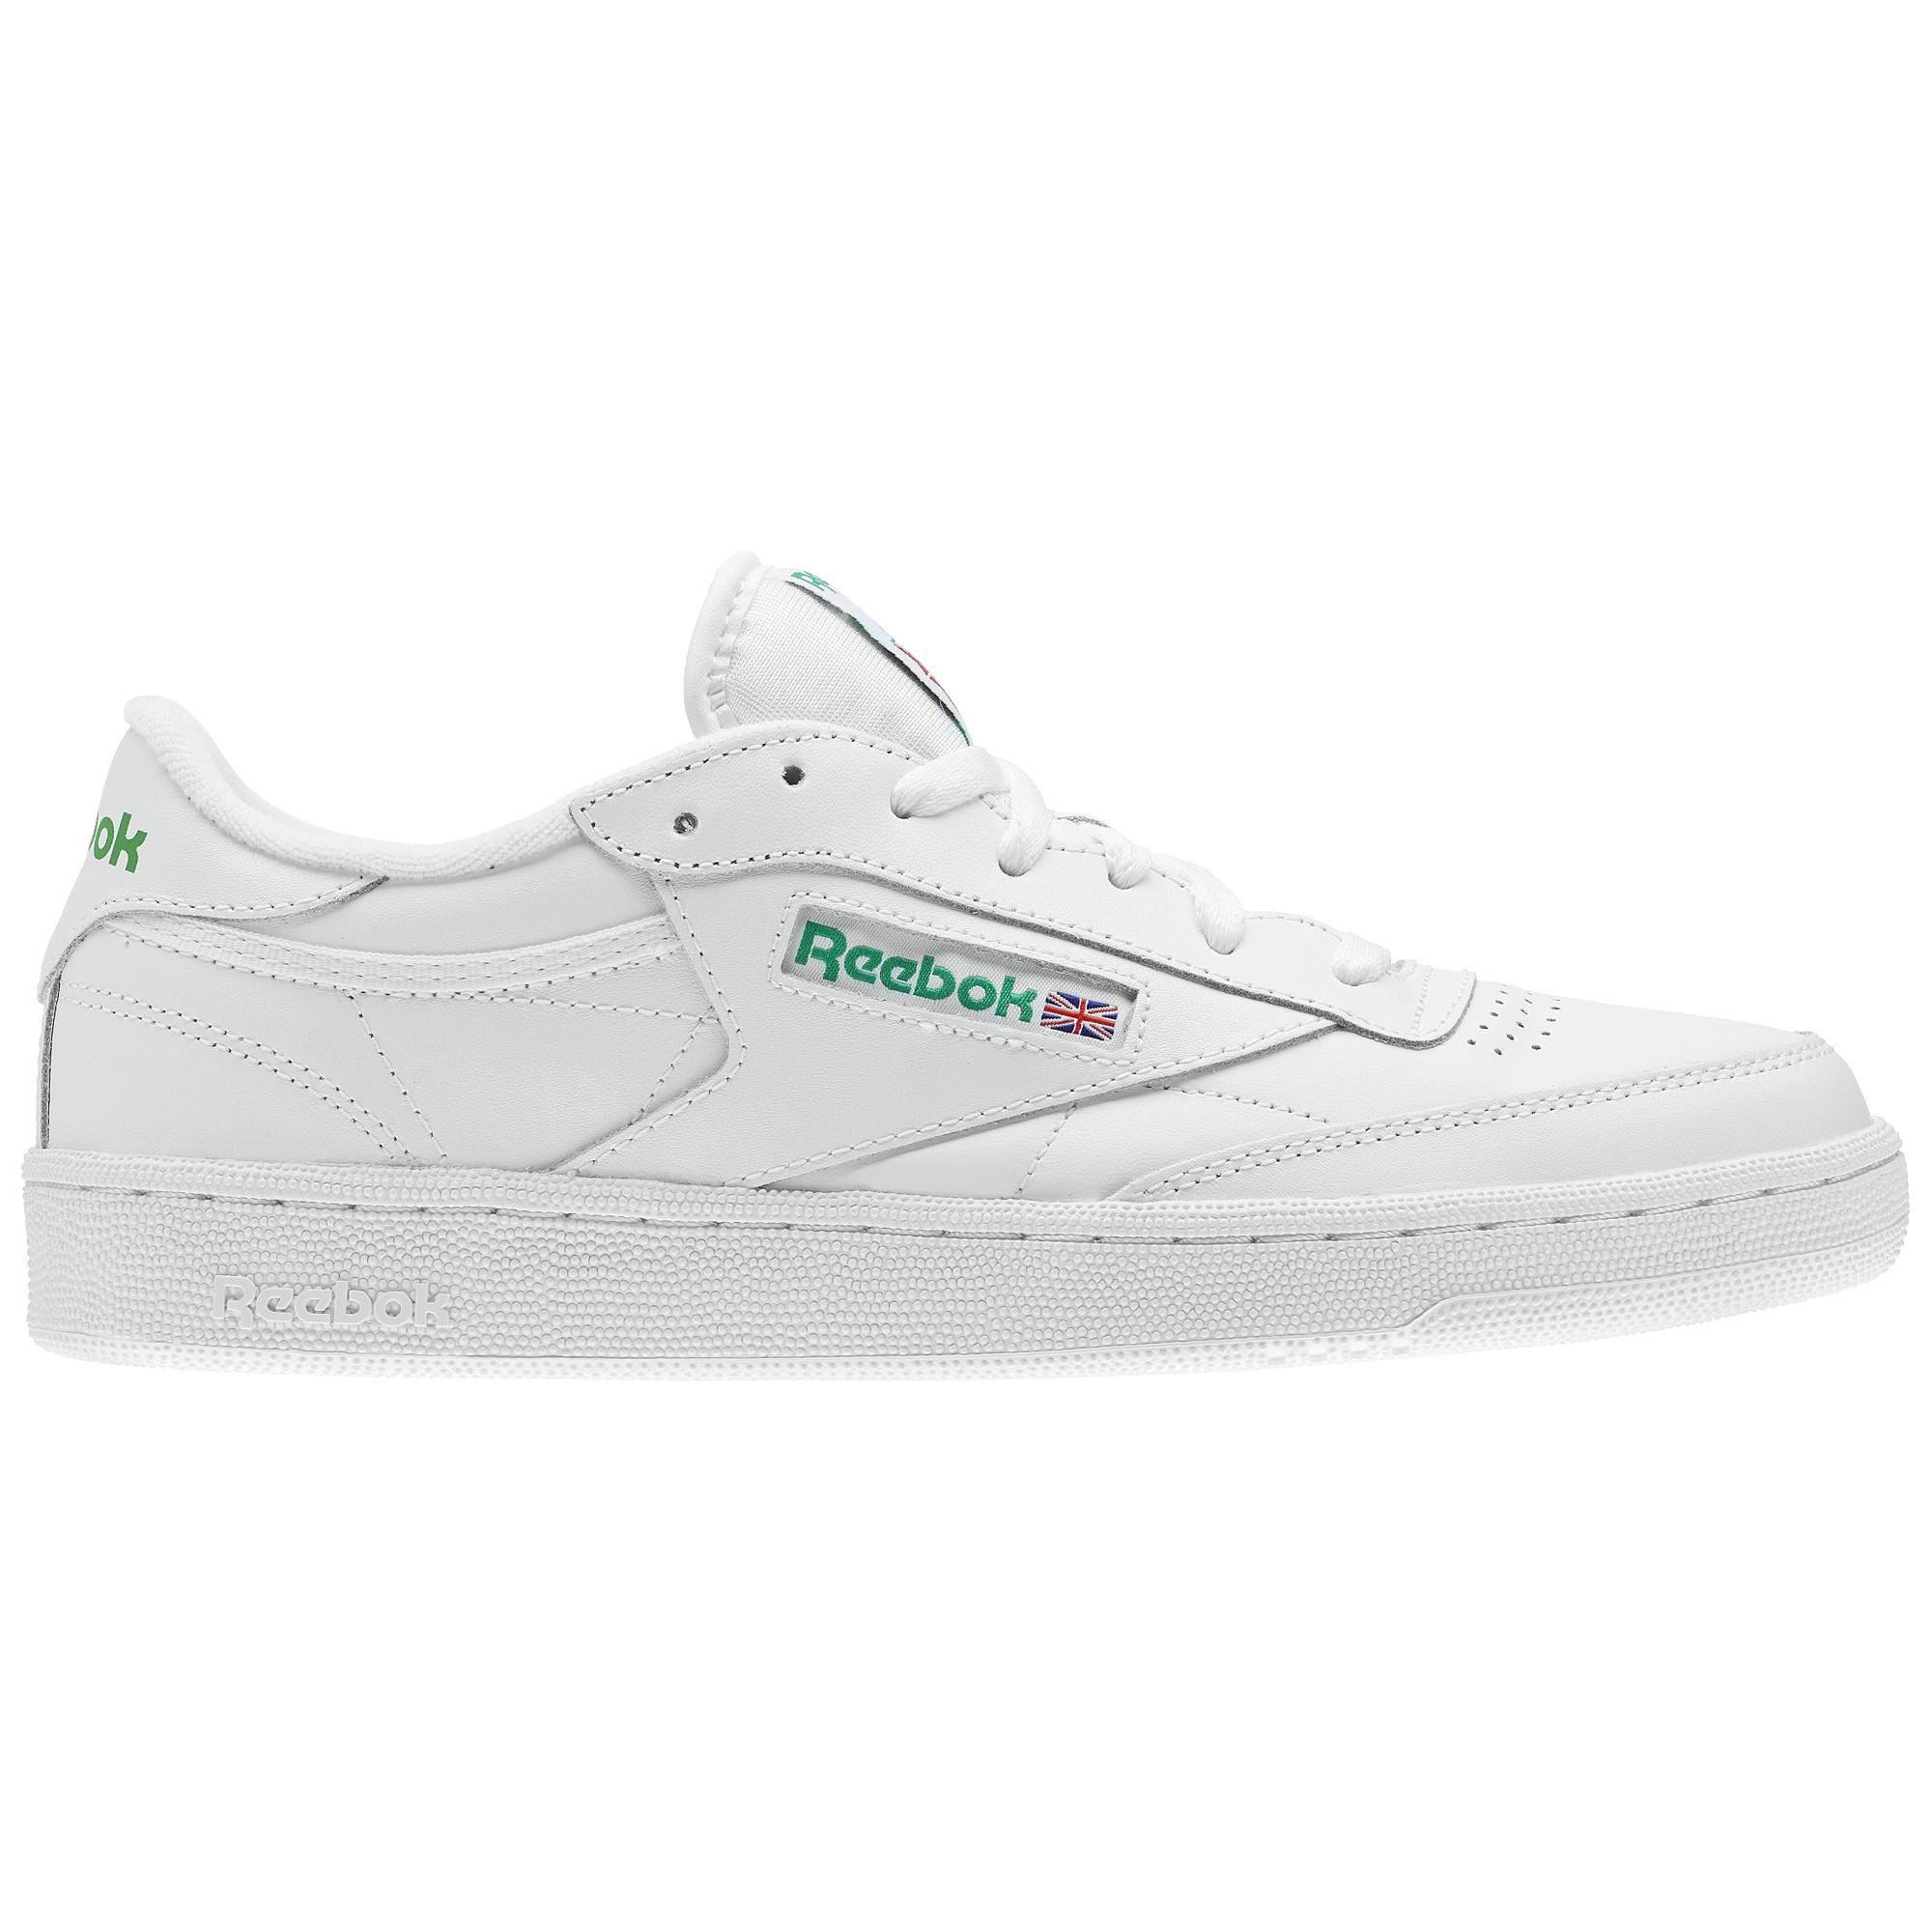 255e014a264bb4 Reebok Shoes Club C 85 Intense White green - Tifoshop.com